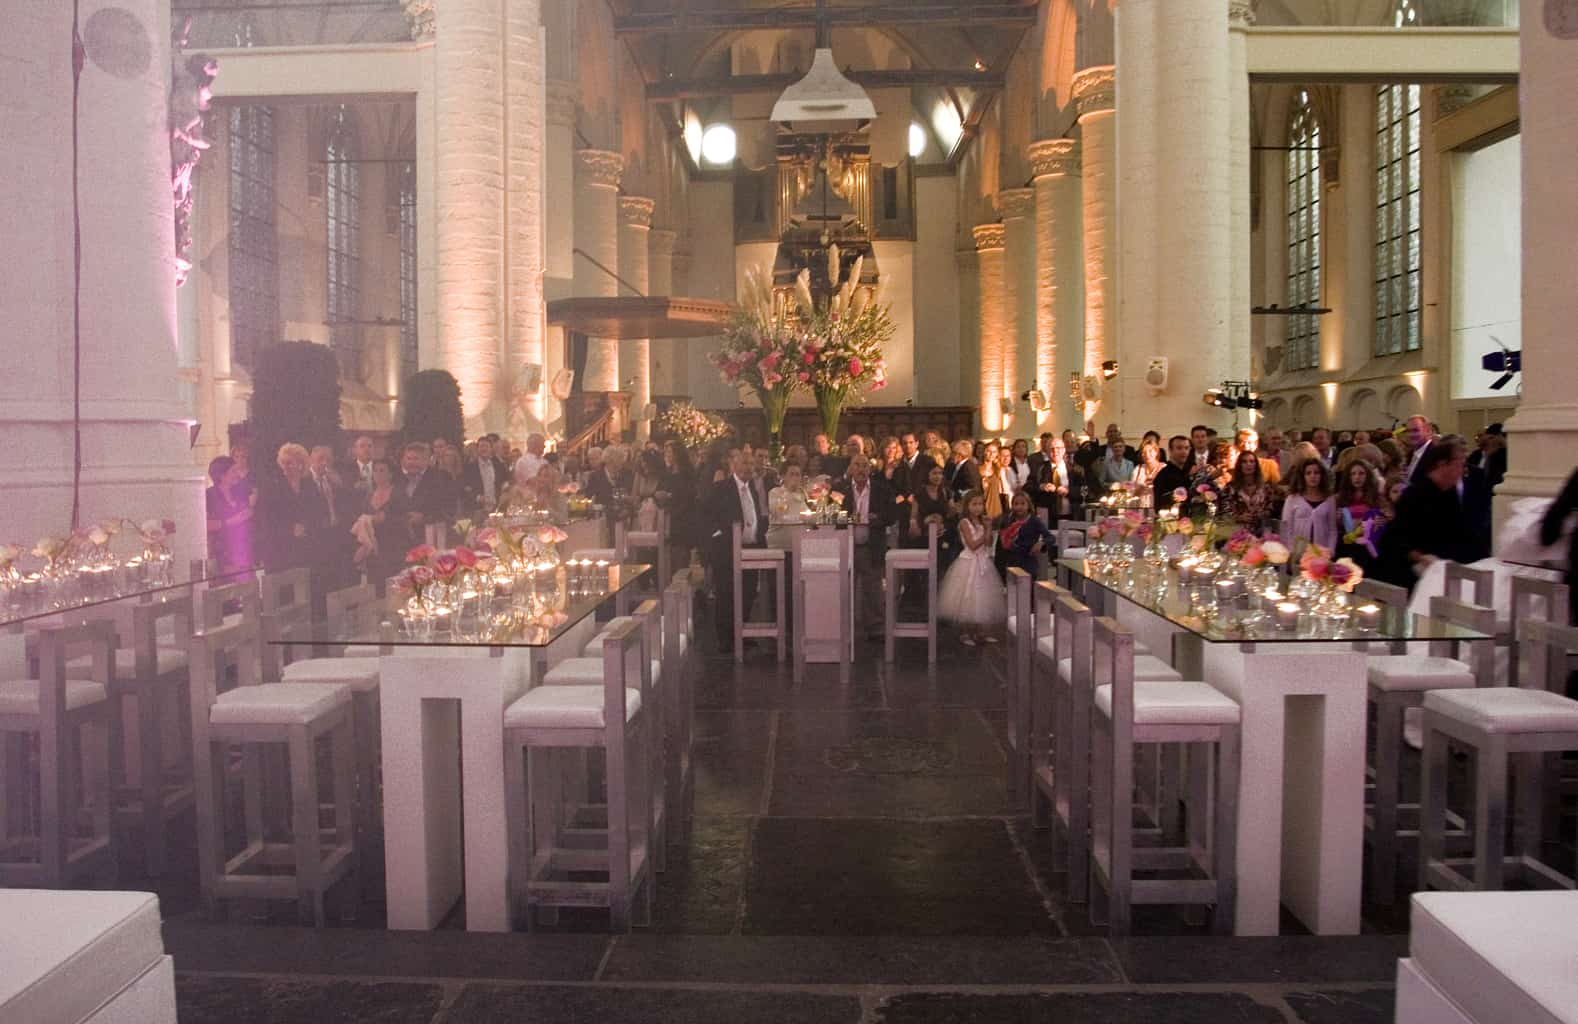 Alles klaar voor het Walking Diner door Herman den Blijker, wedding en planning, Weddingplanner, fotocredits Sjouke Dijjkstra